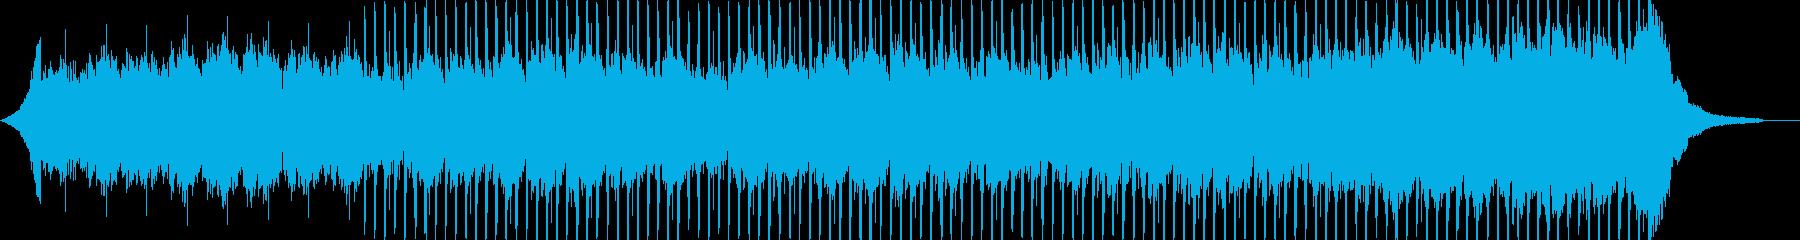 企業VP系31、爽やかギター4つ打ち9bの再生済みの波形